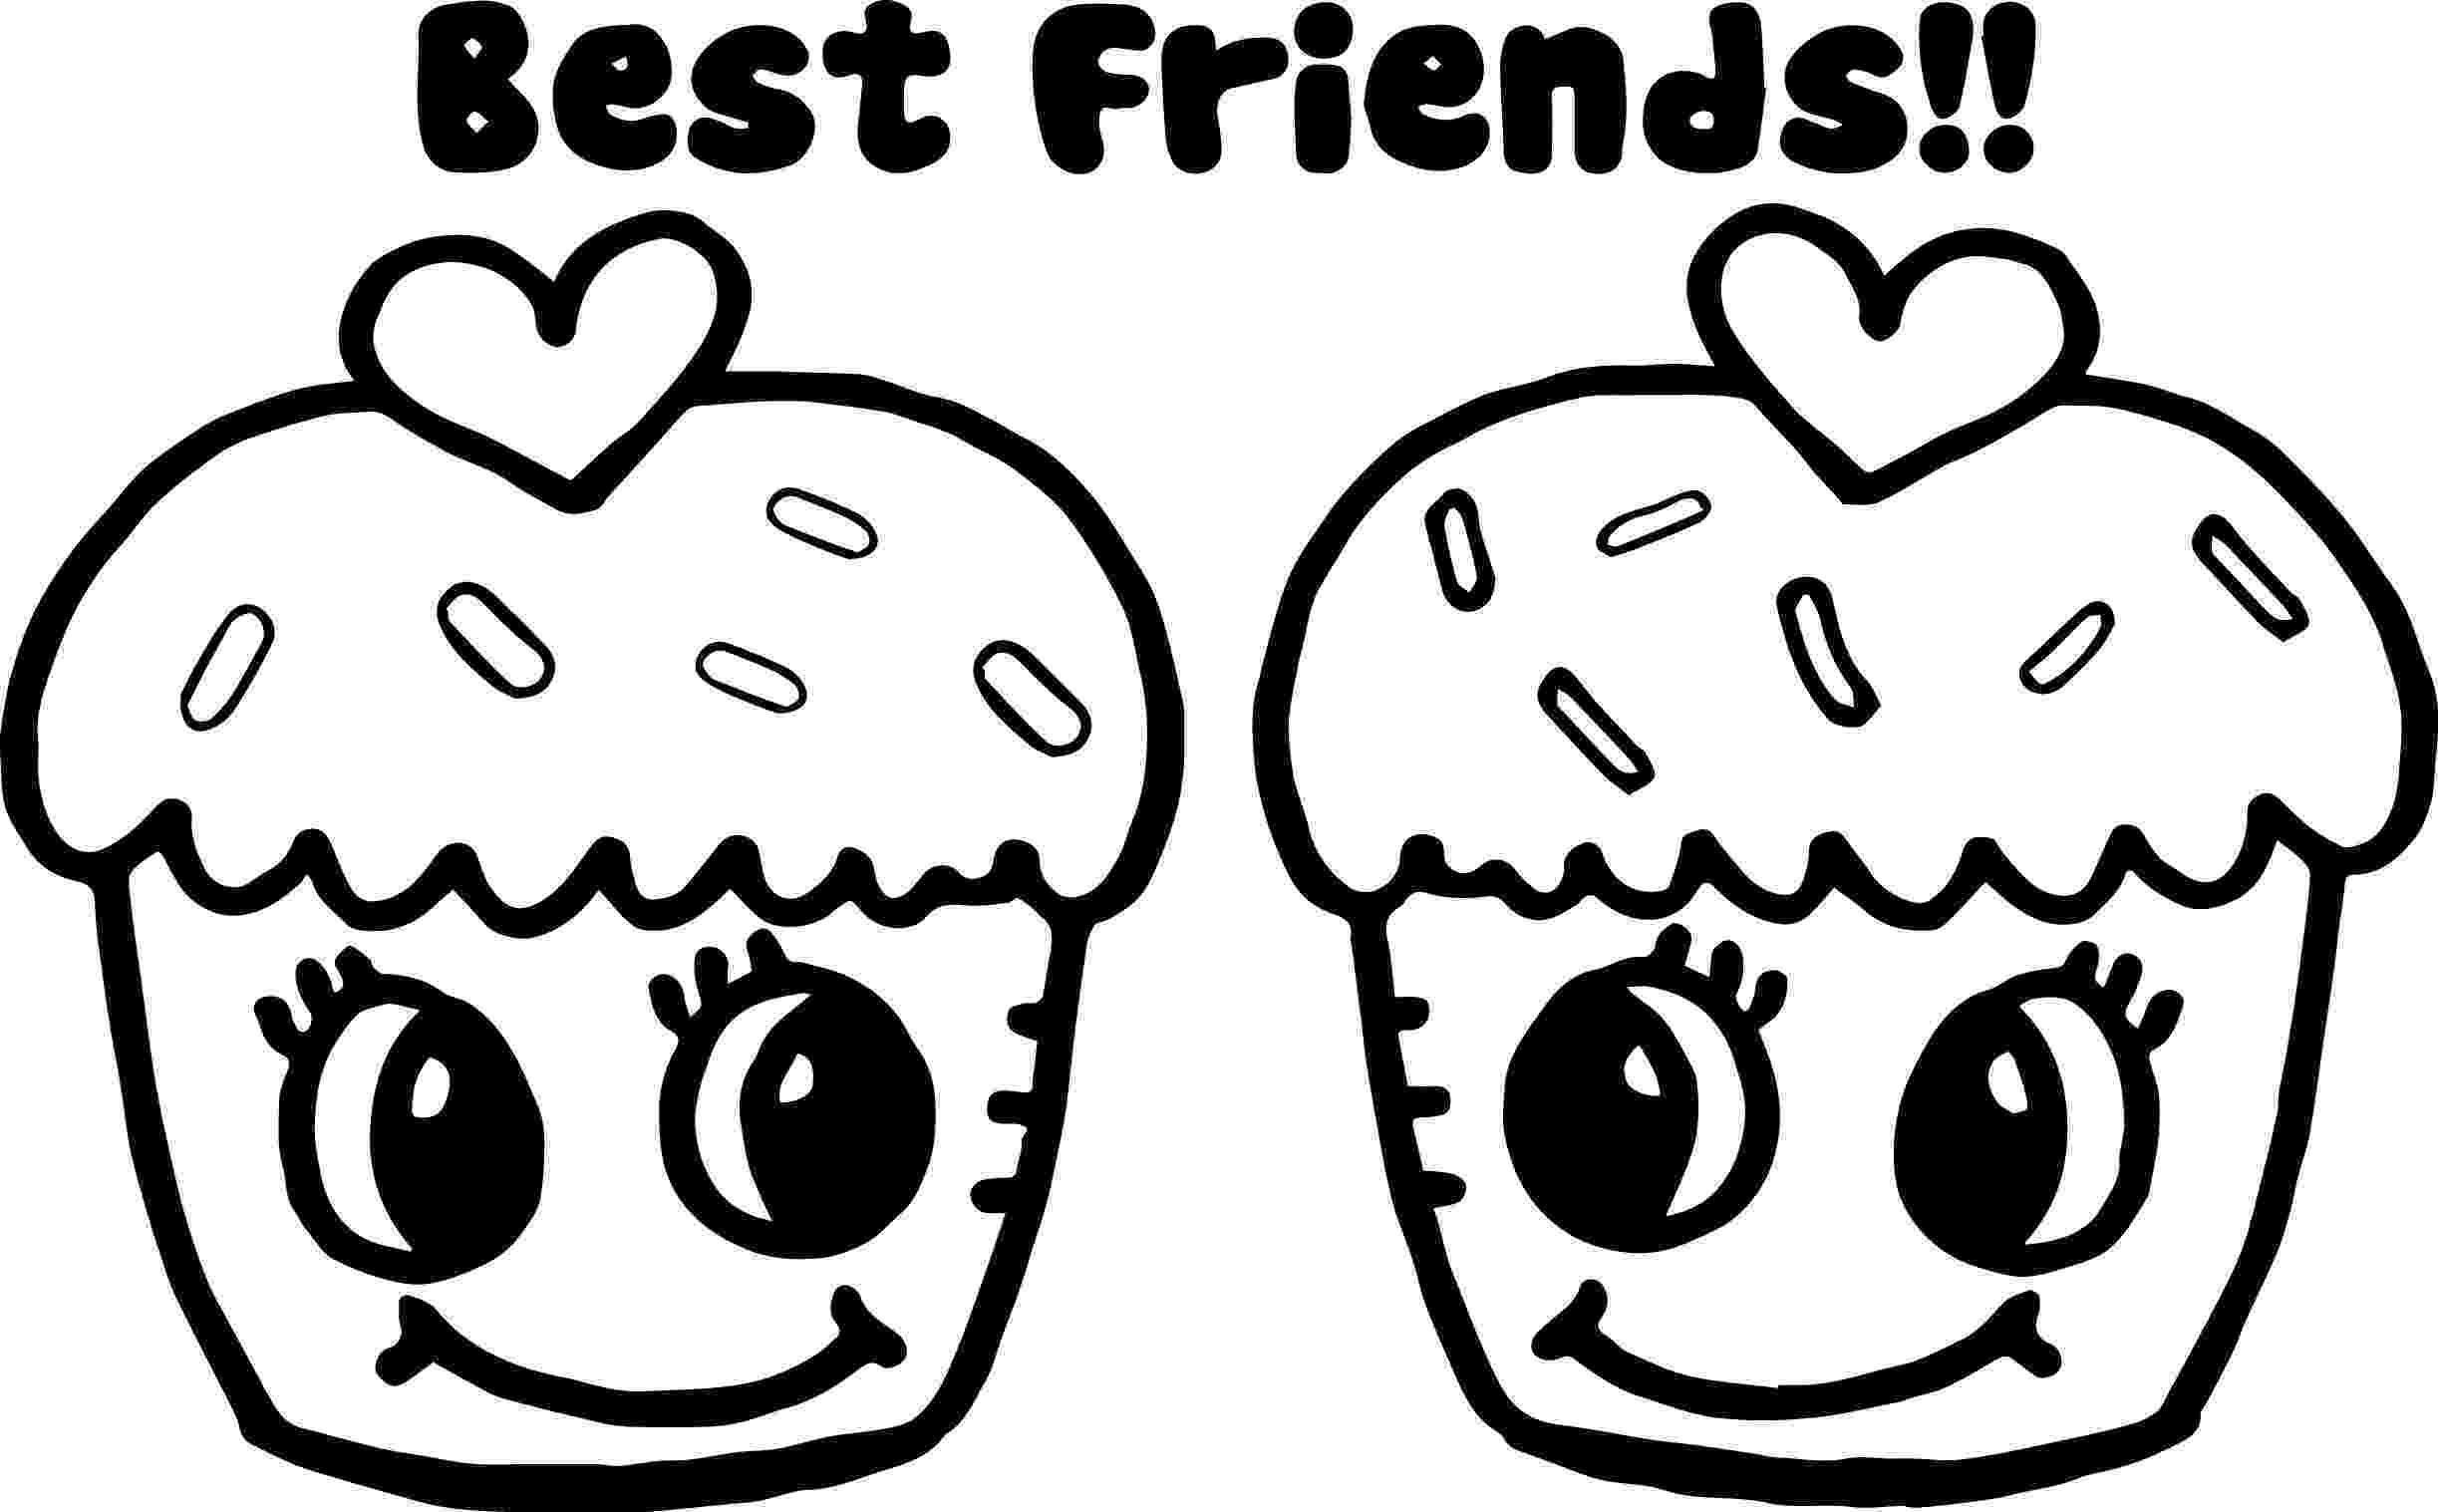 best friends coloring pages best friends coloring pages best coloring pages for kids pages best coloring friends